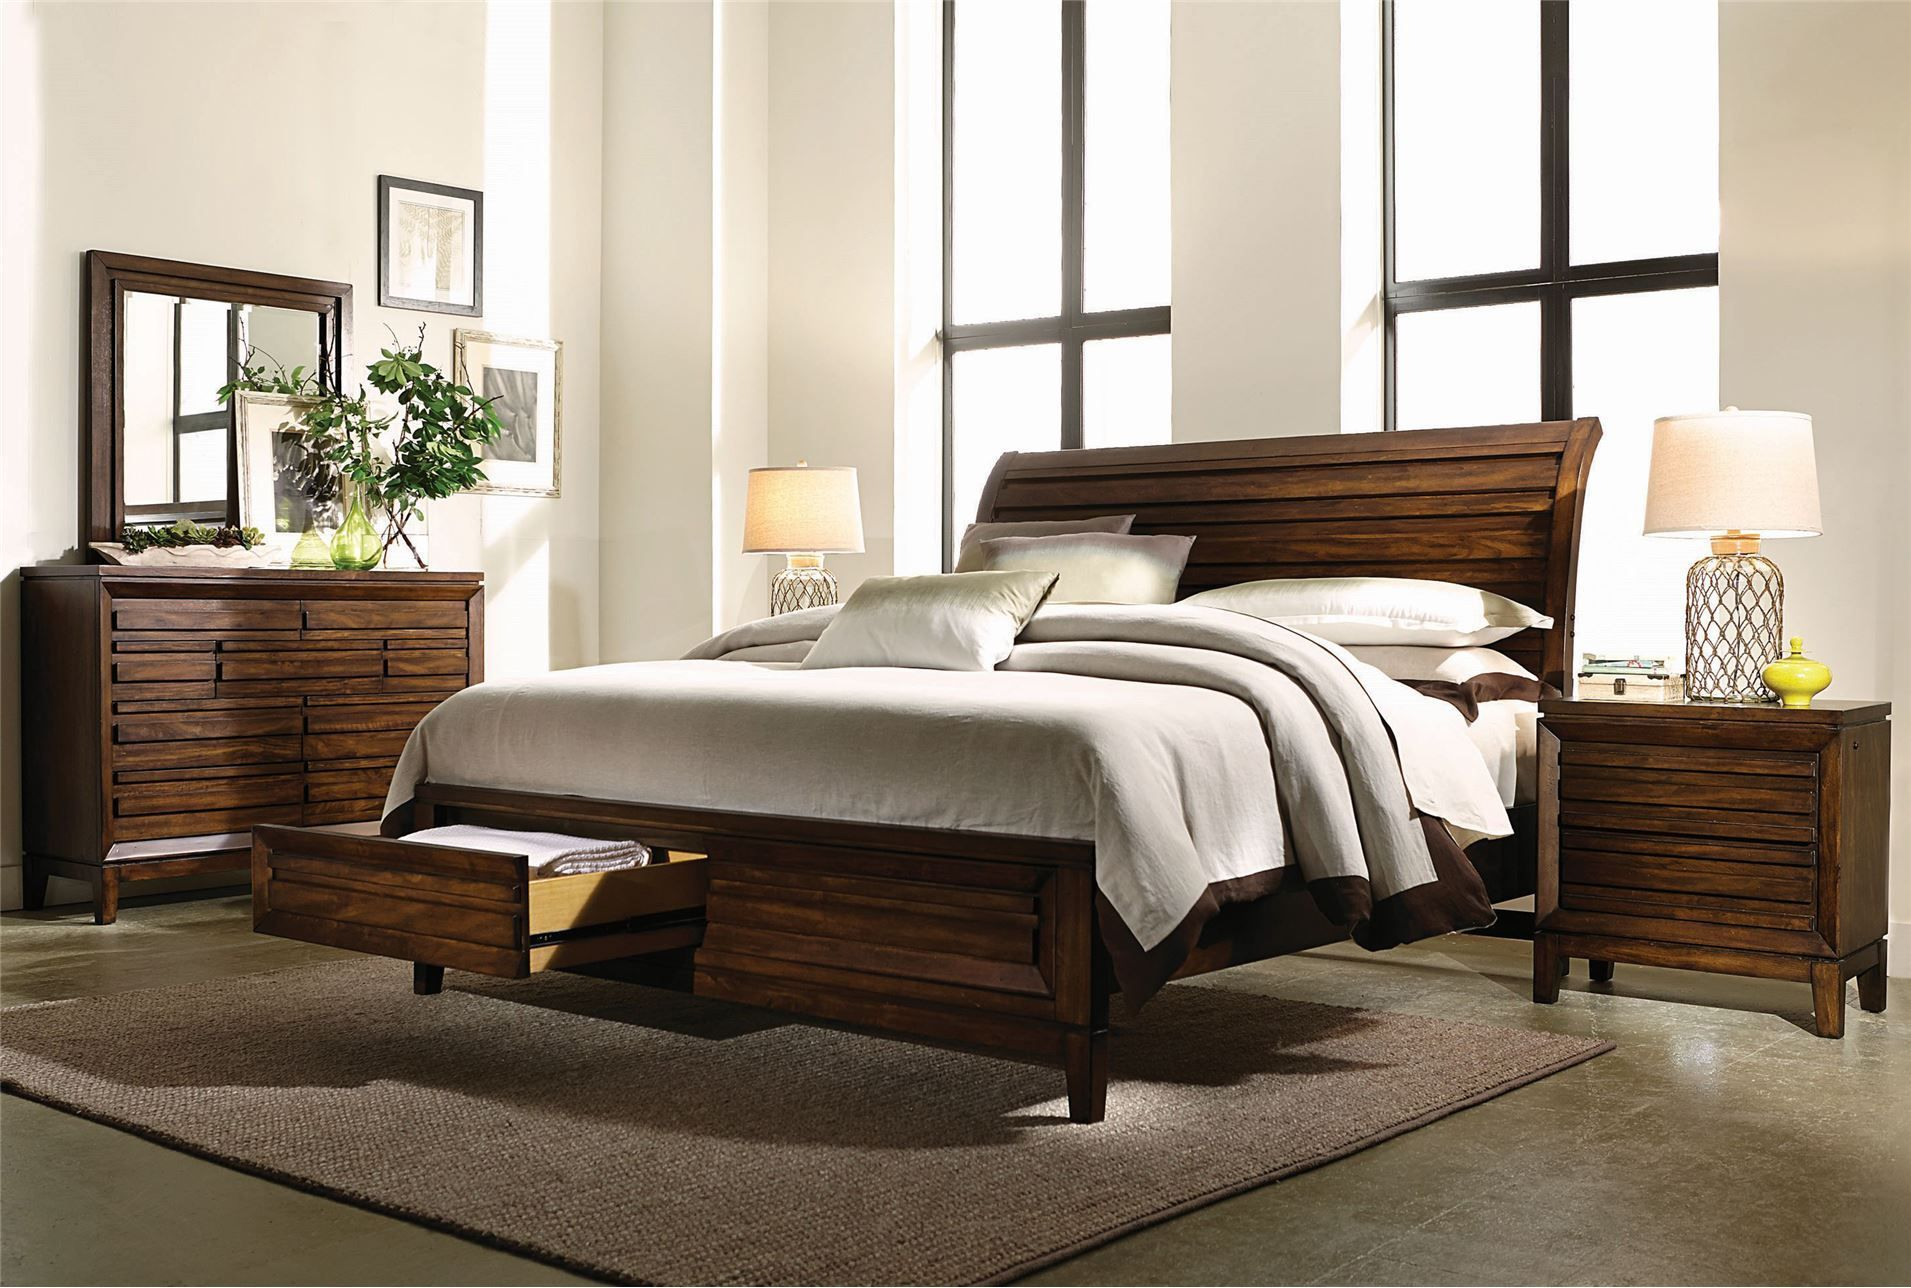 Best Rhodes Queen Storage Bed King Bedroom Furniture King 400 x 300